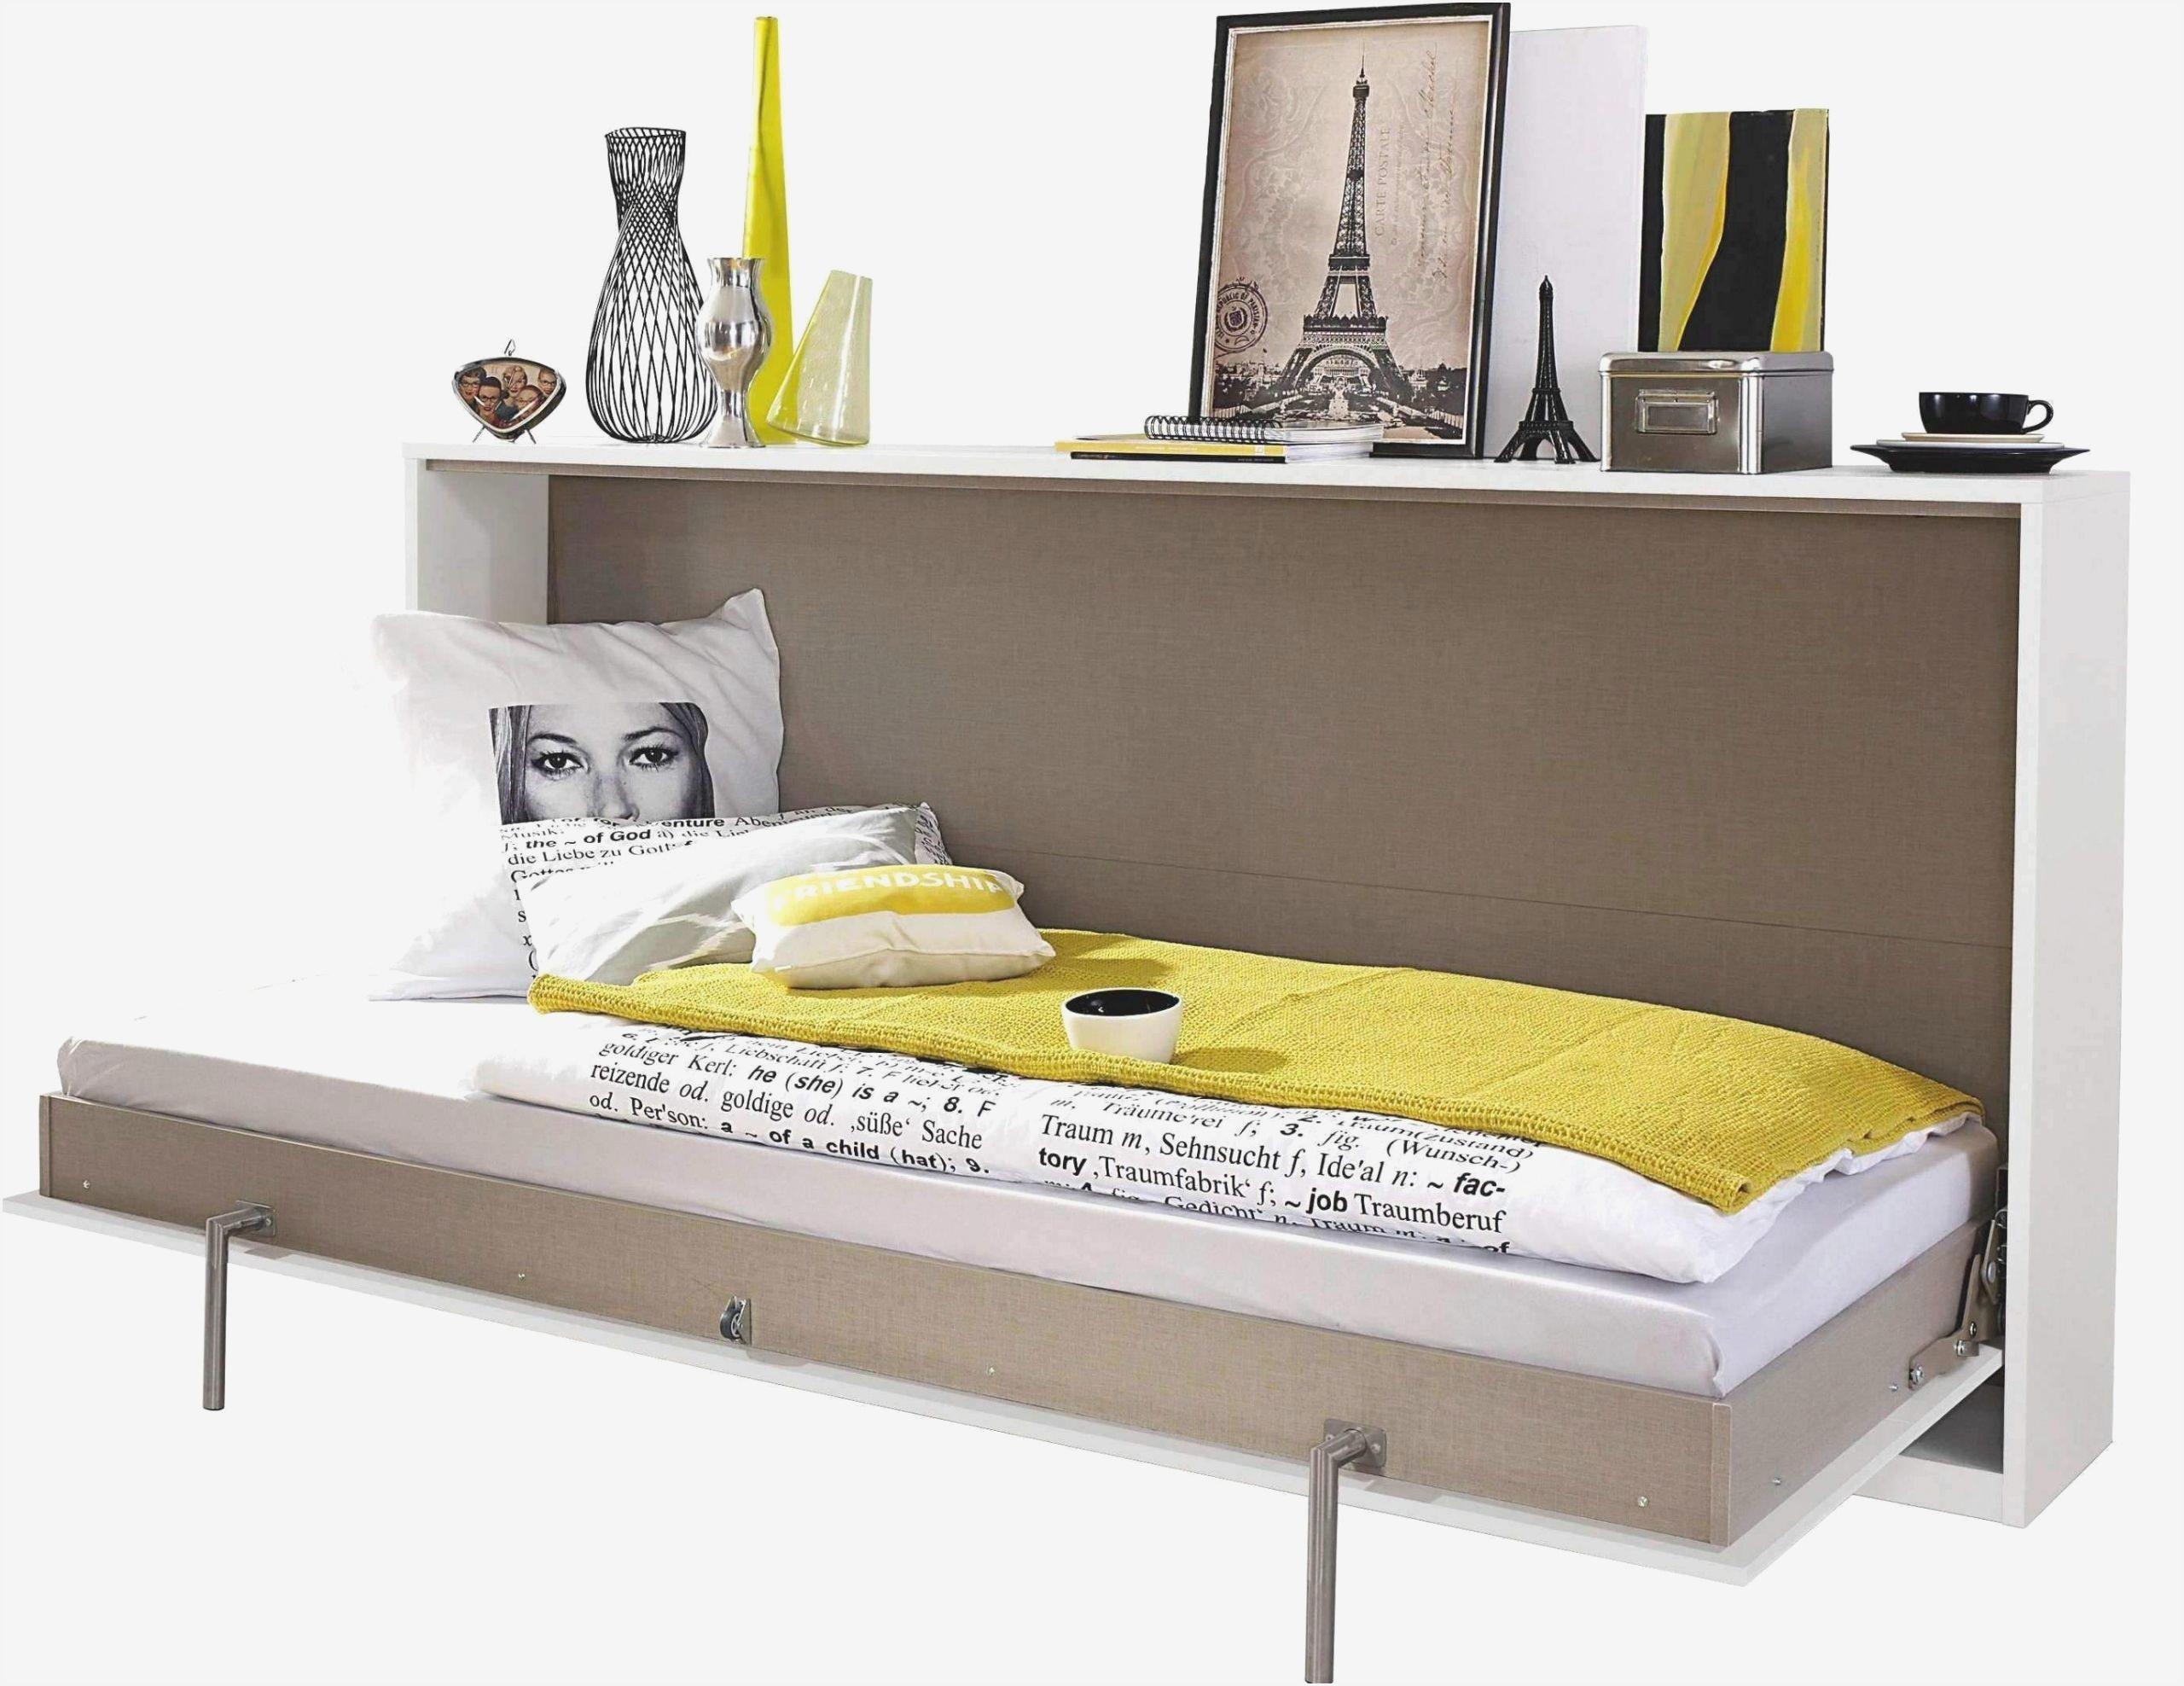 Full Size of Ikea Schlafzimmer Schwarz Traumhaus Dekoration Miniküche Küche Kaufen Betten 160x200 Sofa Mit Schlaffunktion Bei Kosten Bogenlampe Esstisch Modulküche Wohnzimmer Ikea Bogenlampe